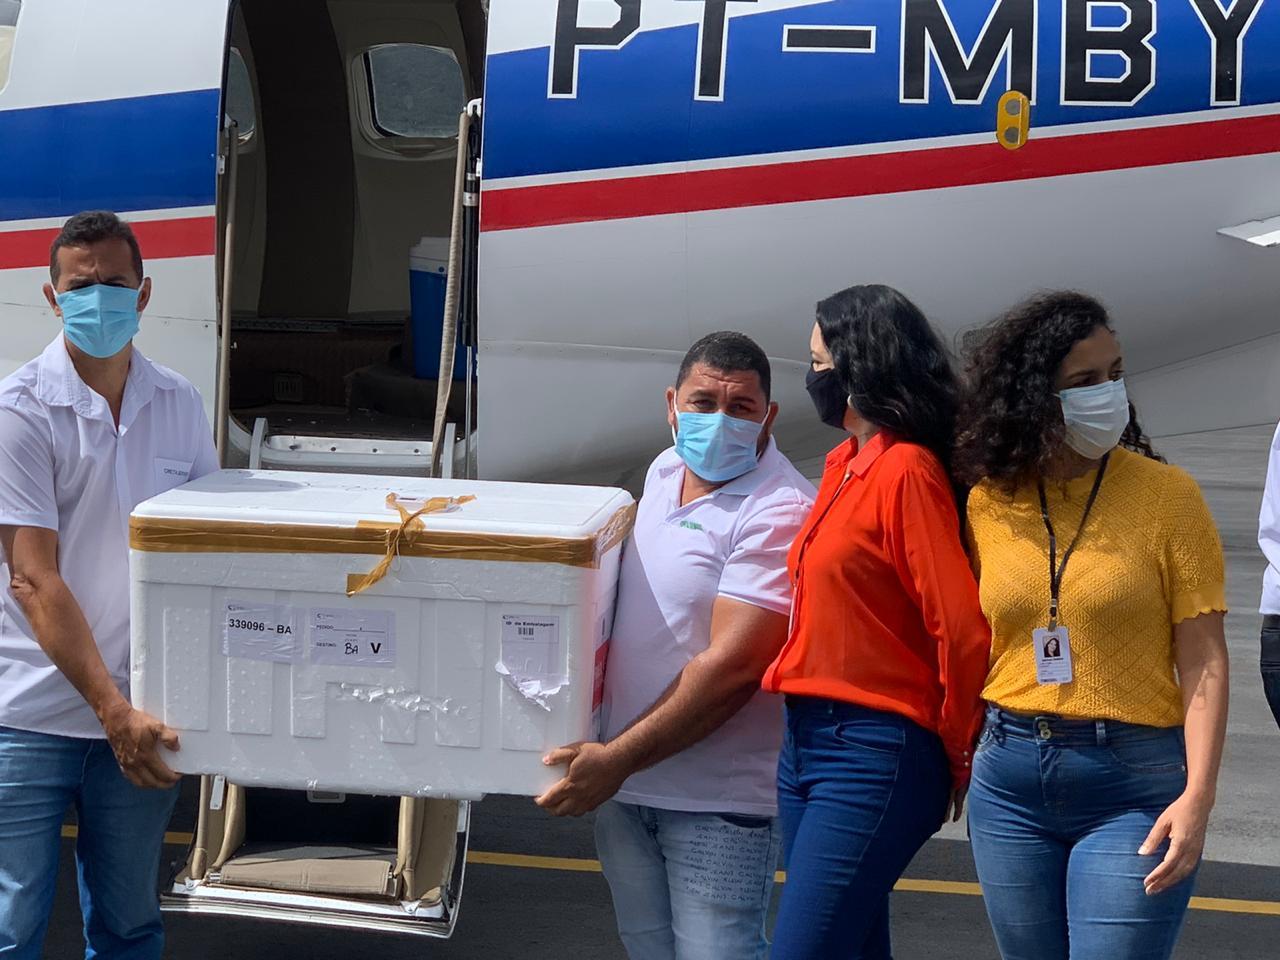 Aeronave pousa em Jequié trazendo as primeiras doses da vacina contra COVID 19